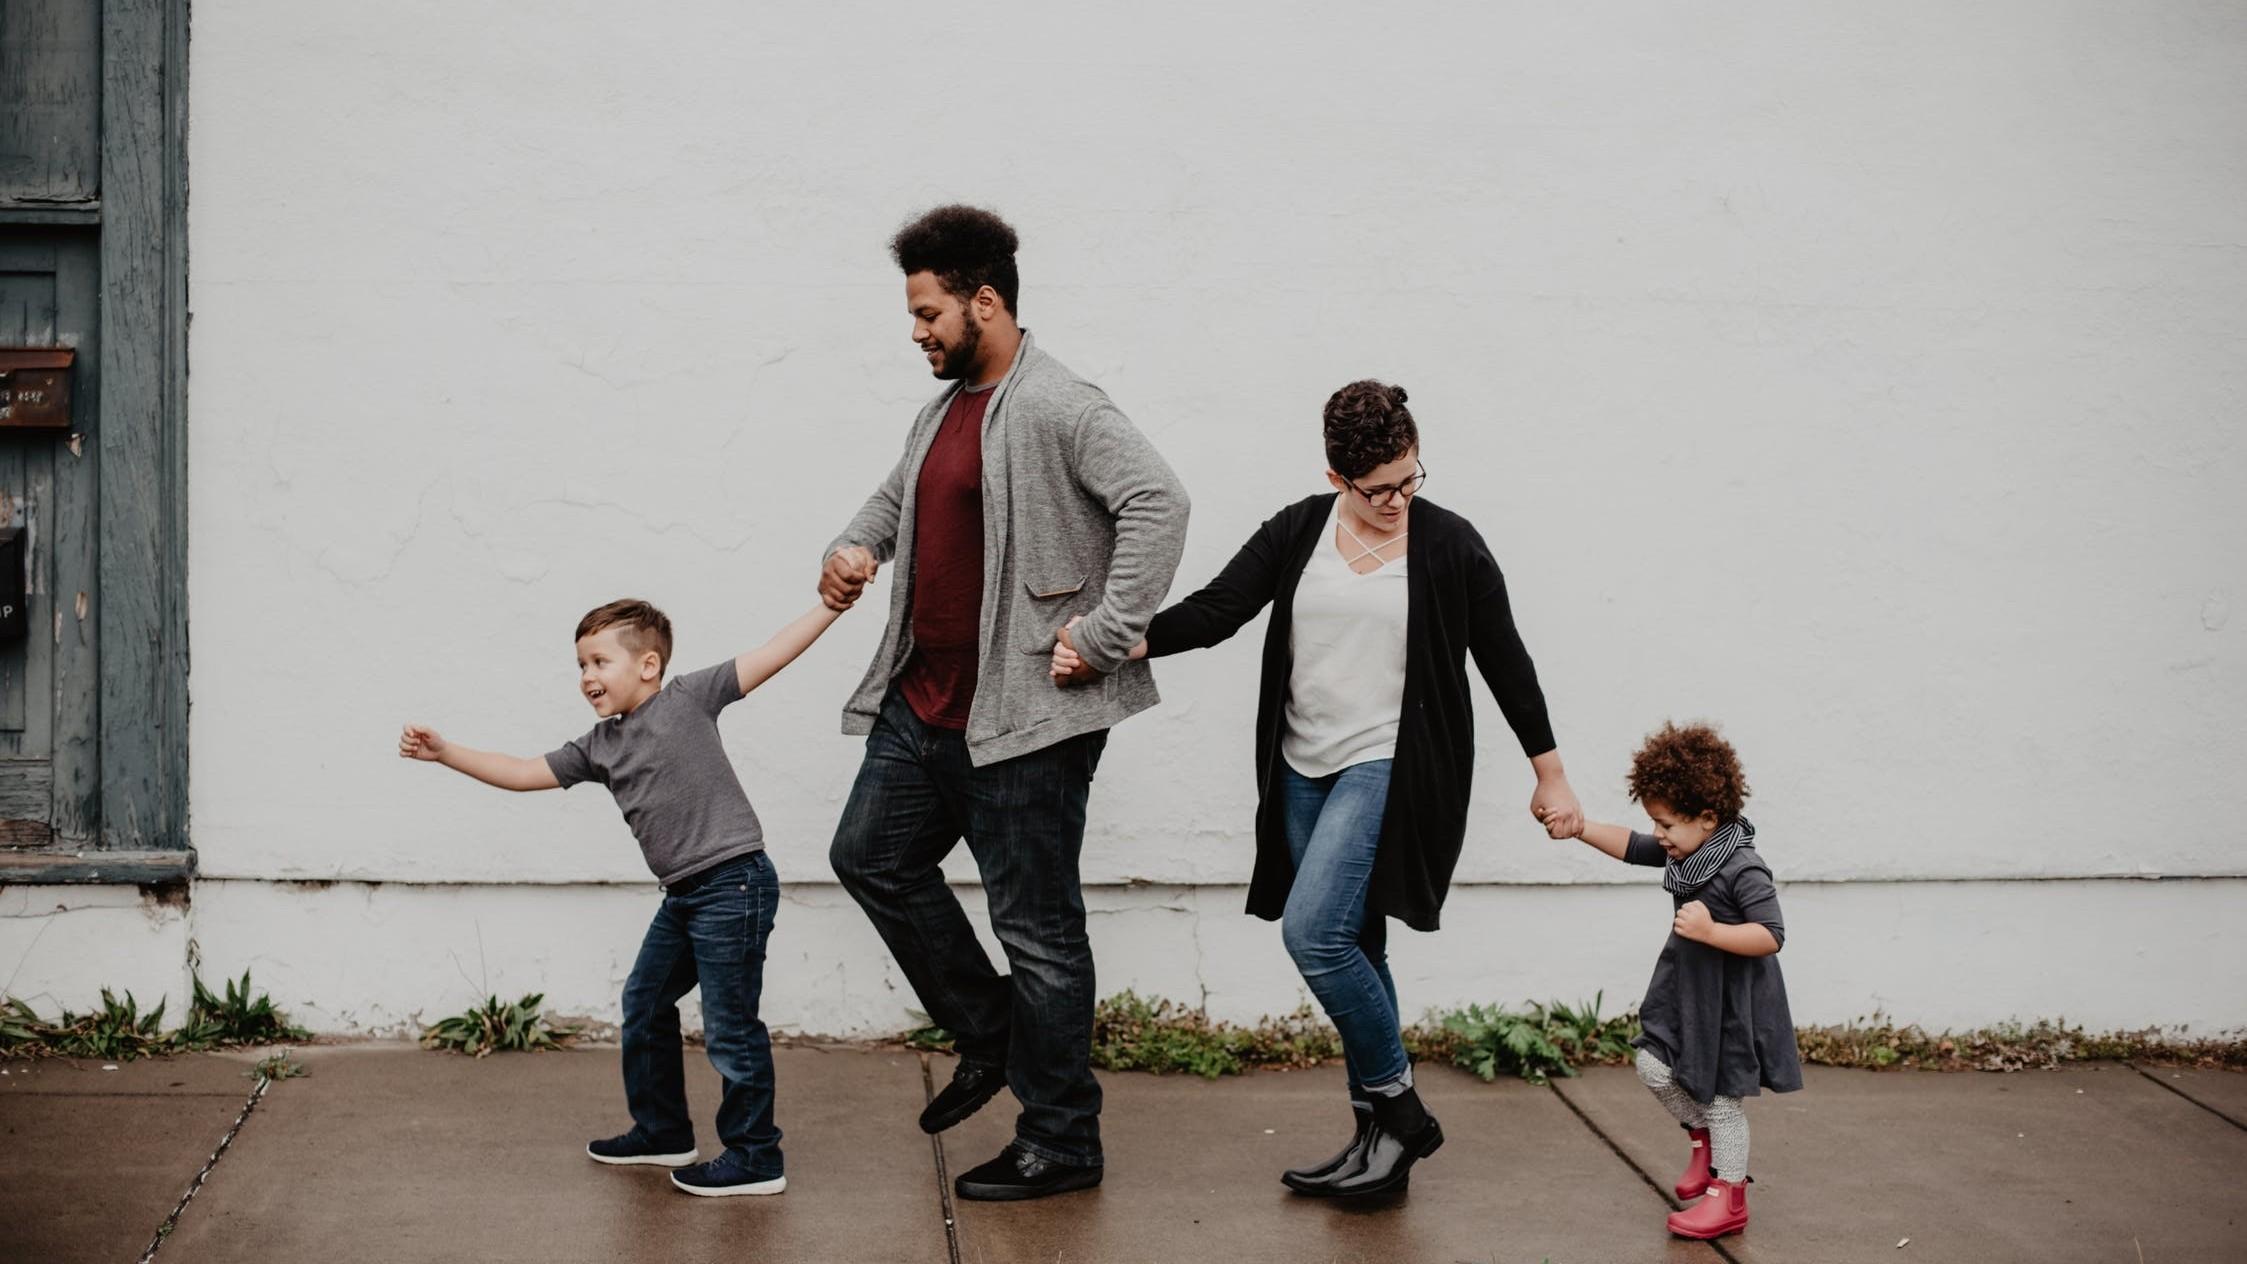 ▲▼婚姻,家庭,岳父,錢。(圖/取自免費圖庫Pexels)